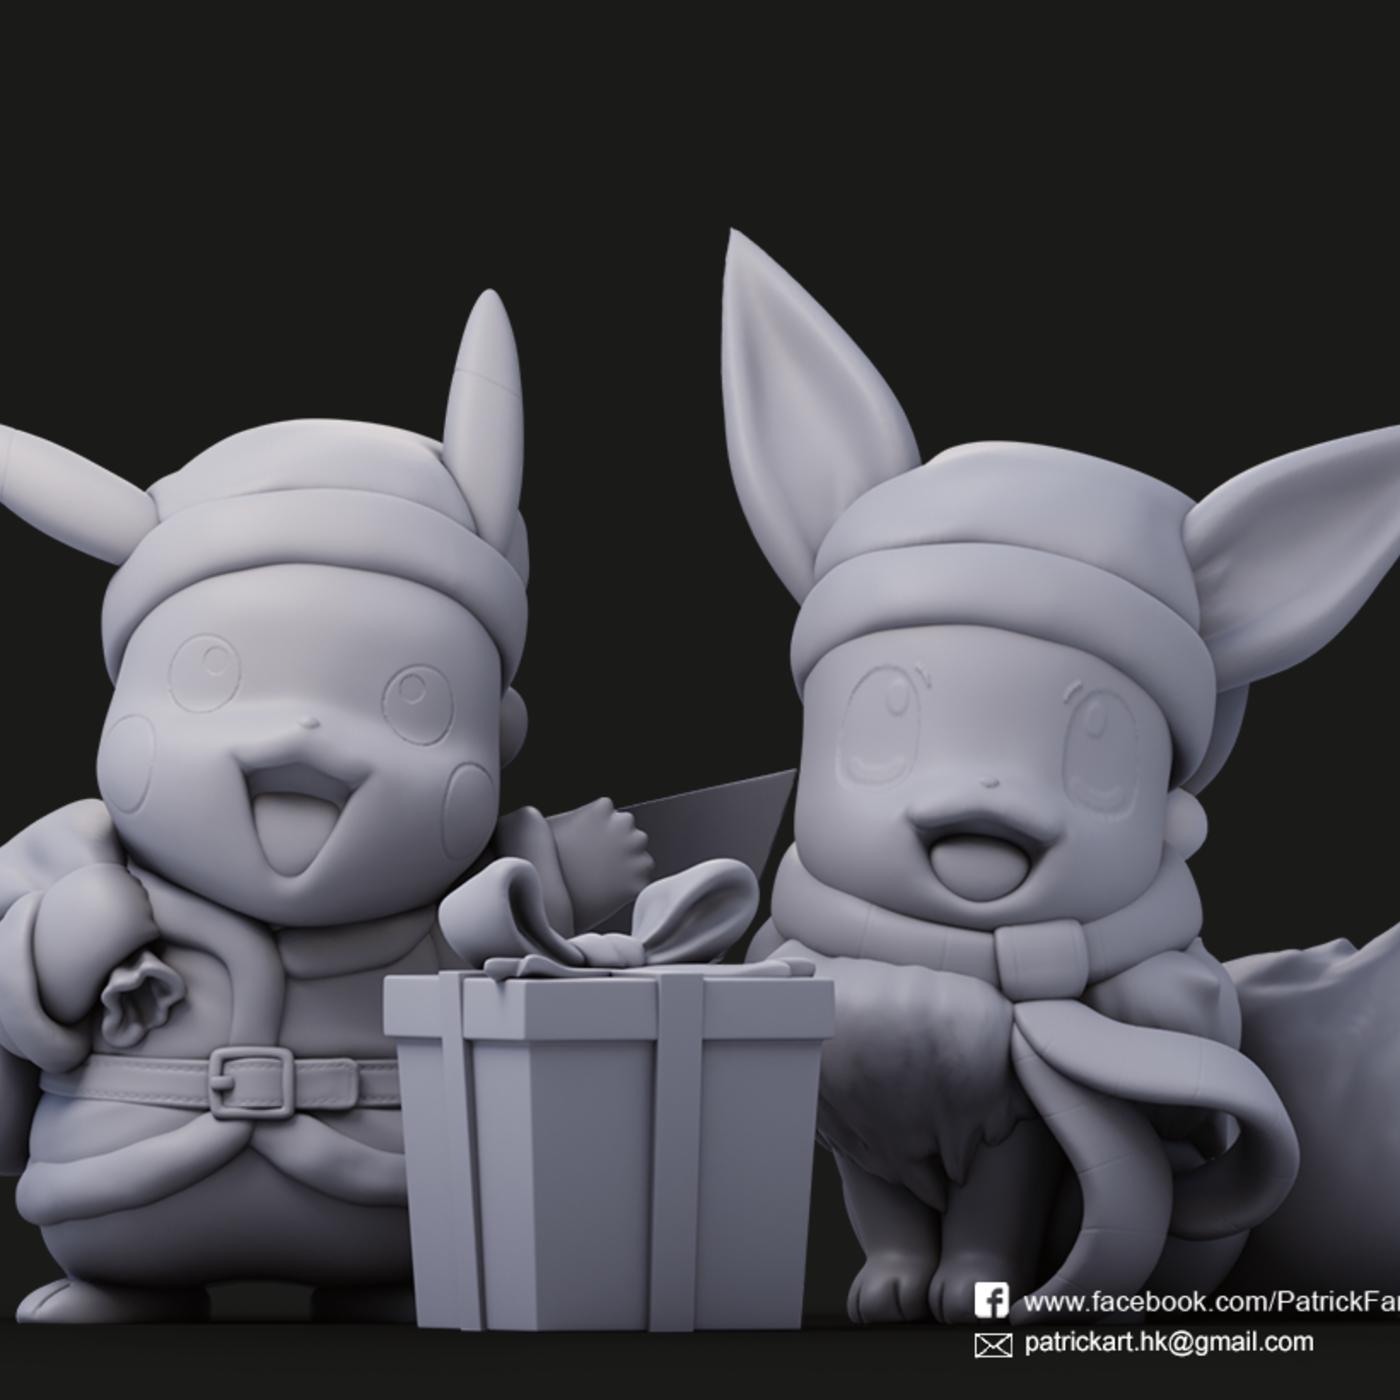 Christmas Pikachu & Eevee (Pokémon)